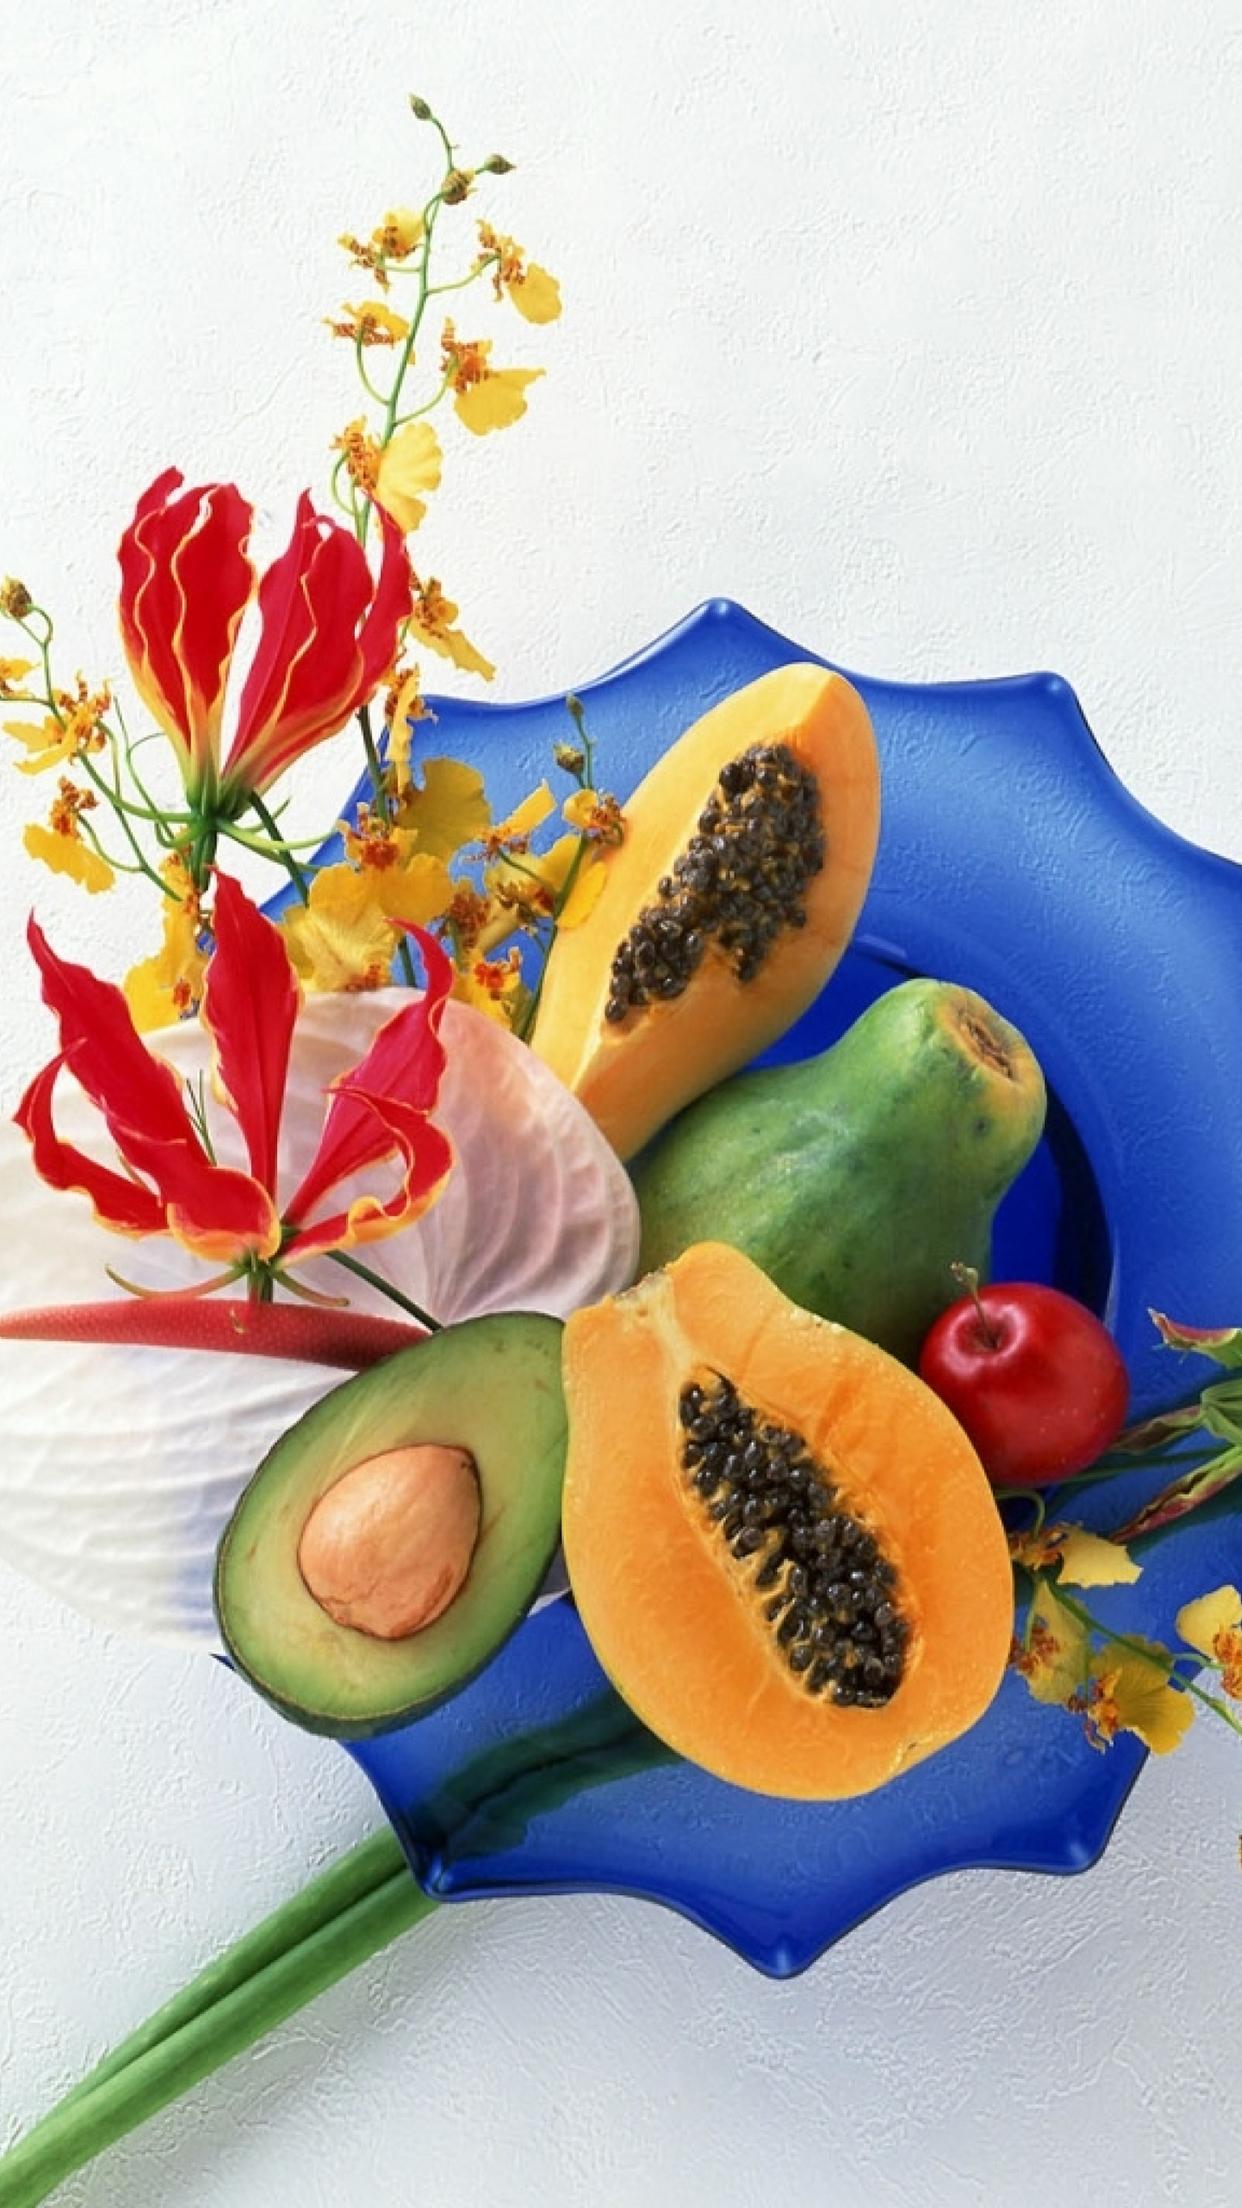 Fruits Dishes Fruits 3Wallpapers iPhone Parallax 3Wallpapers : notre sélection de fonds décran du 03/07/2017